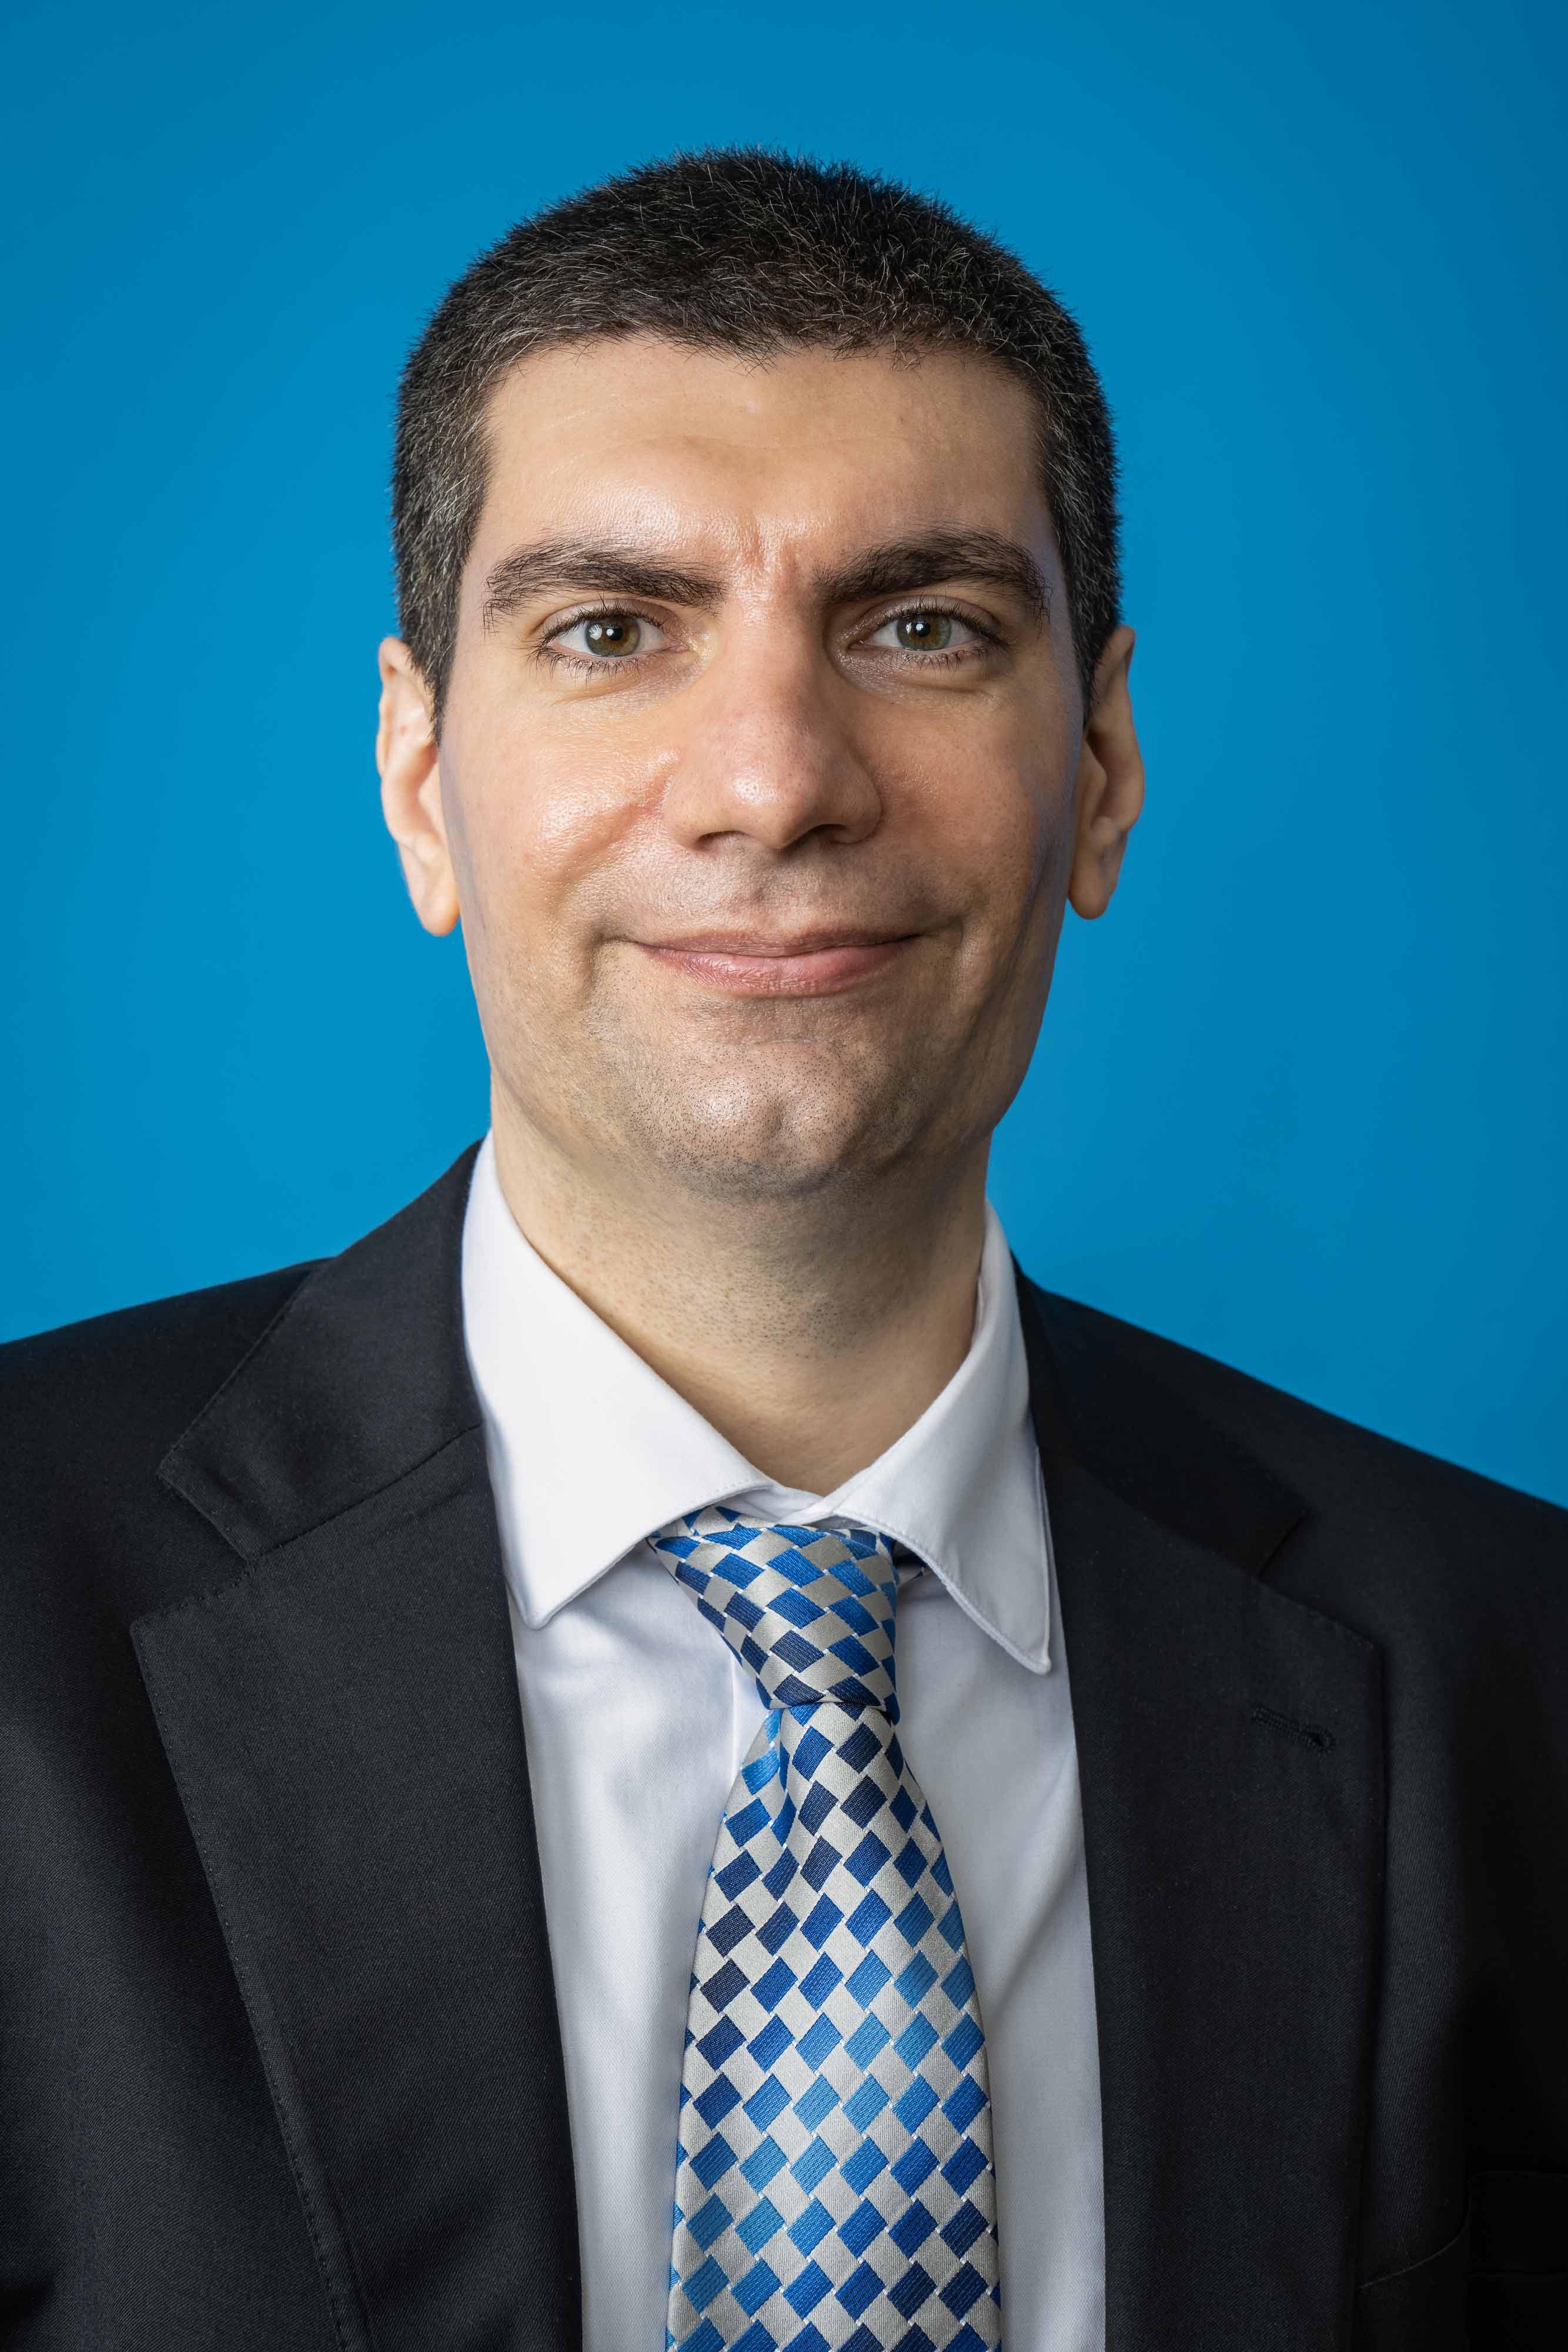 Michael Gerakios